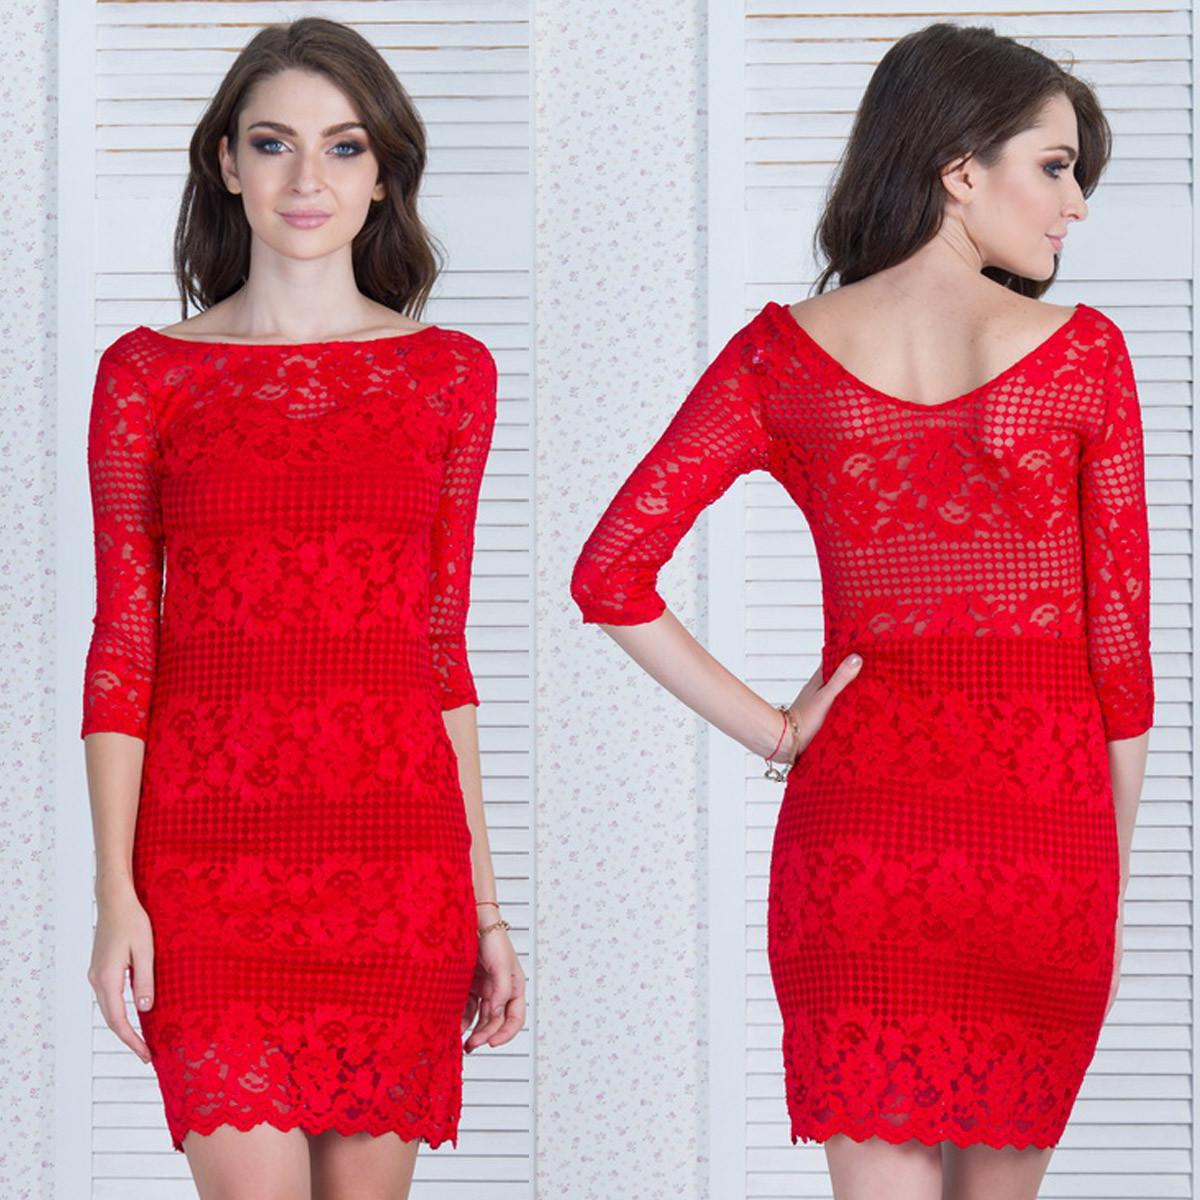 7562489fa2f Красное гипюровое платье в обтяжку